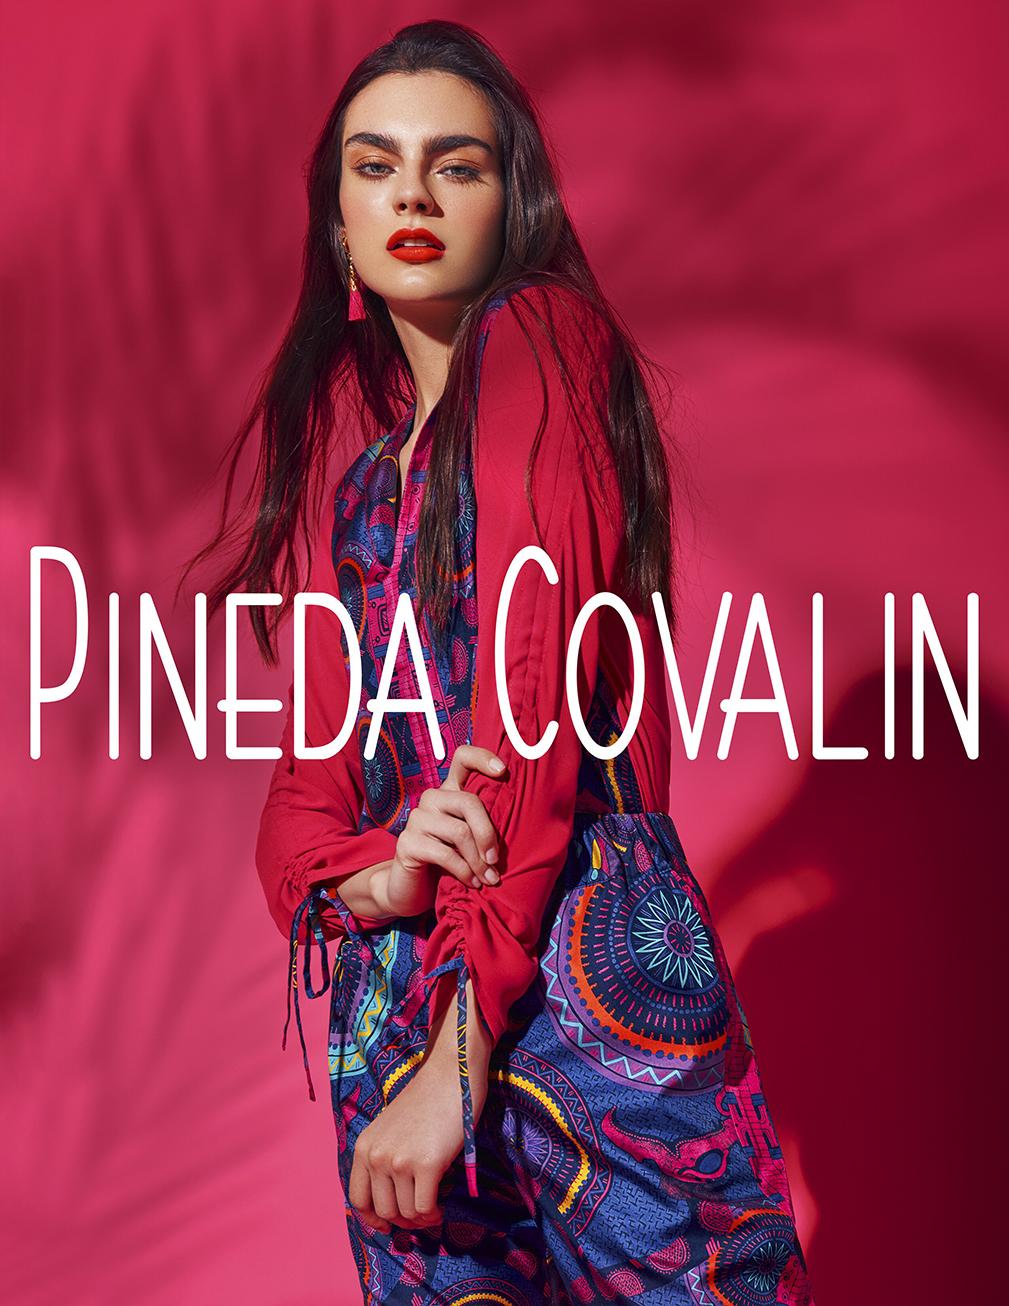 Pineda07